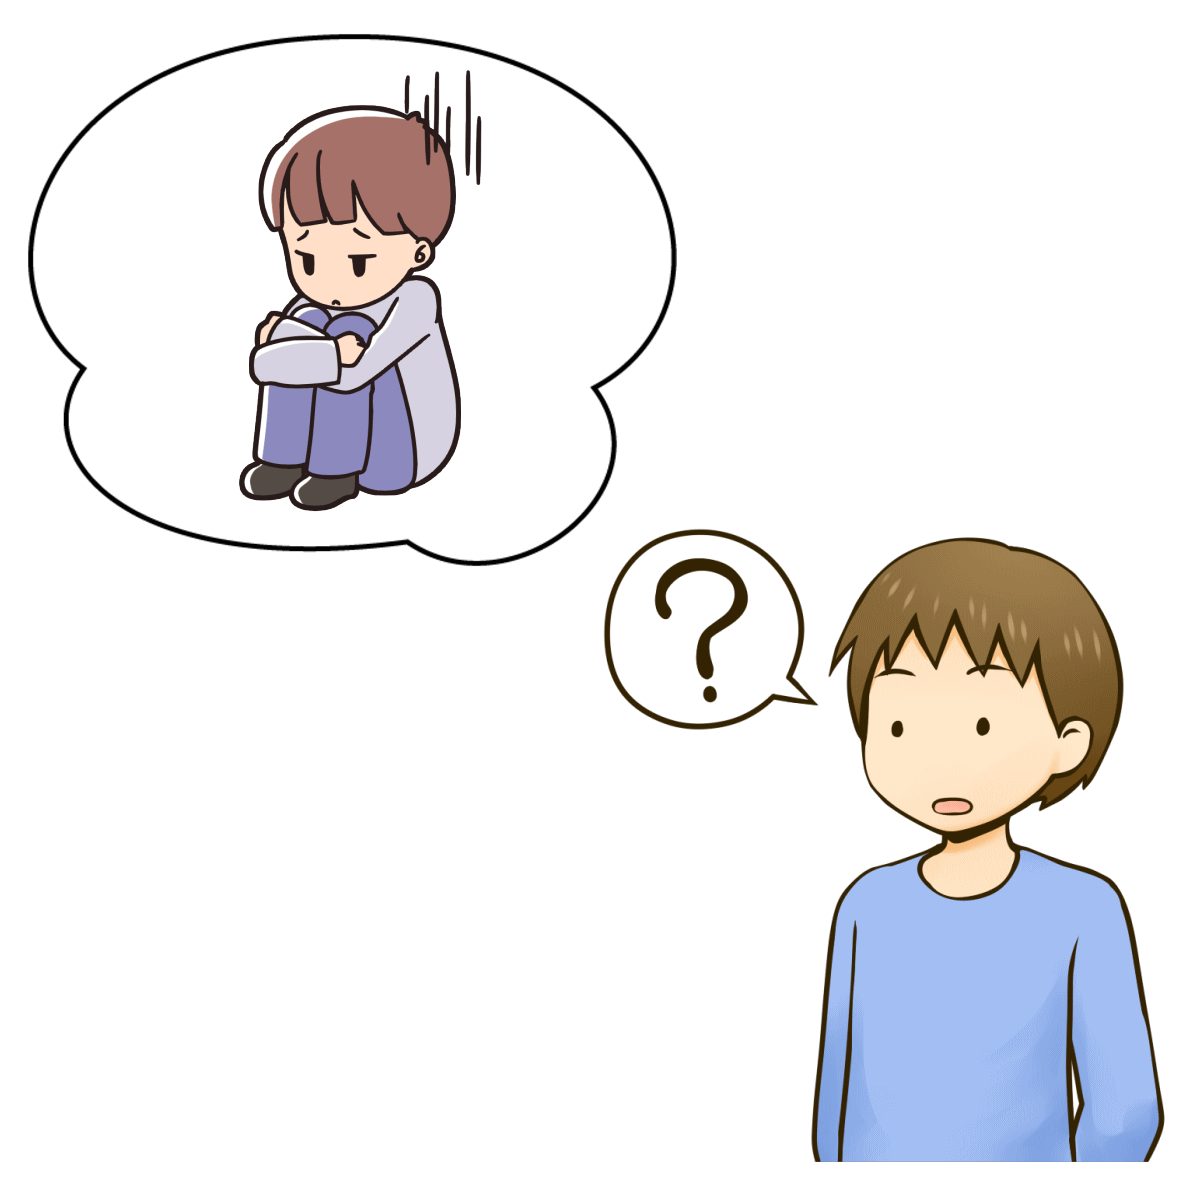 自己否定をしている自分の気持ちを分析している様子を表すイメージ